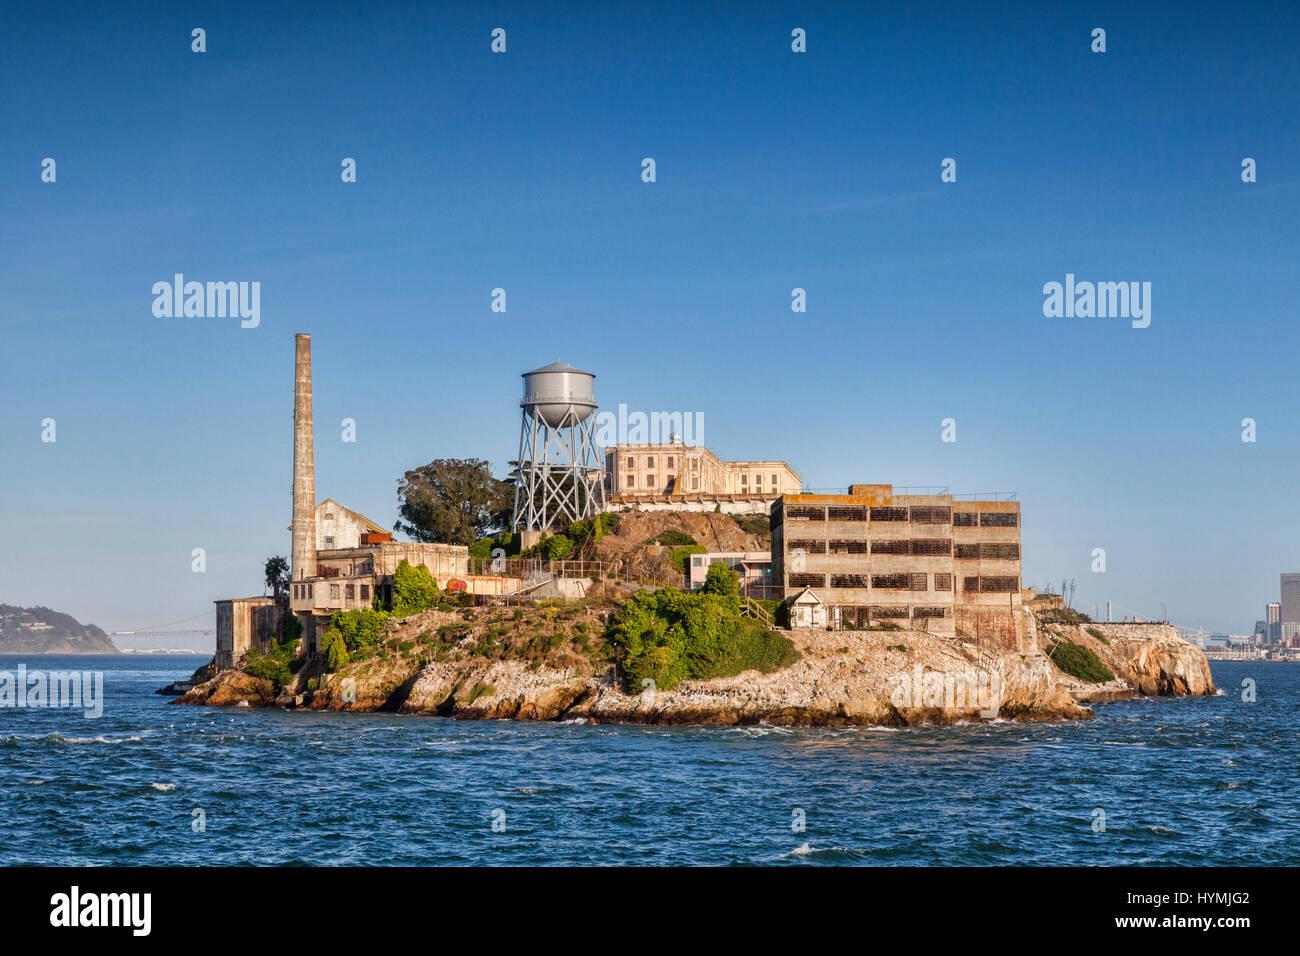 L'île d'Alcatraz à San Francisco Bay, la célèbre prison de haute sécurité Photo Stock